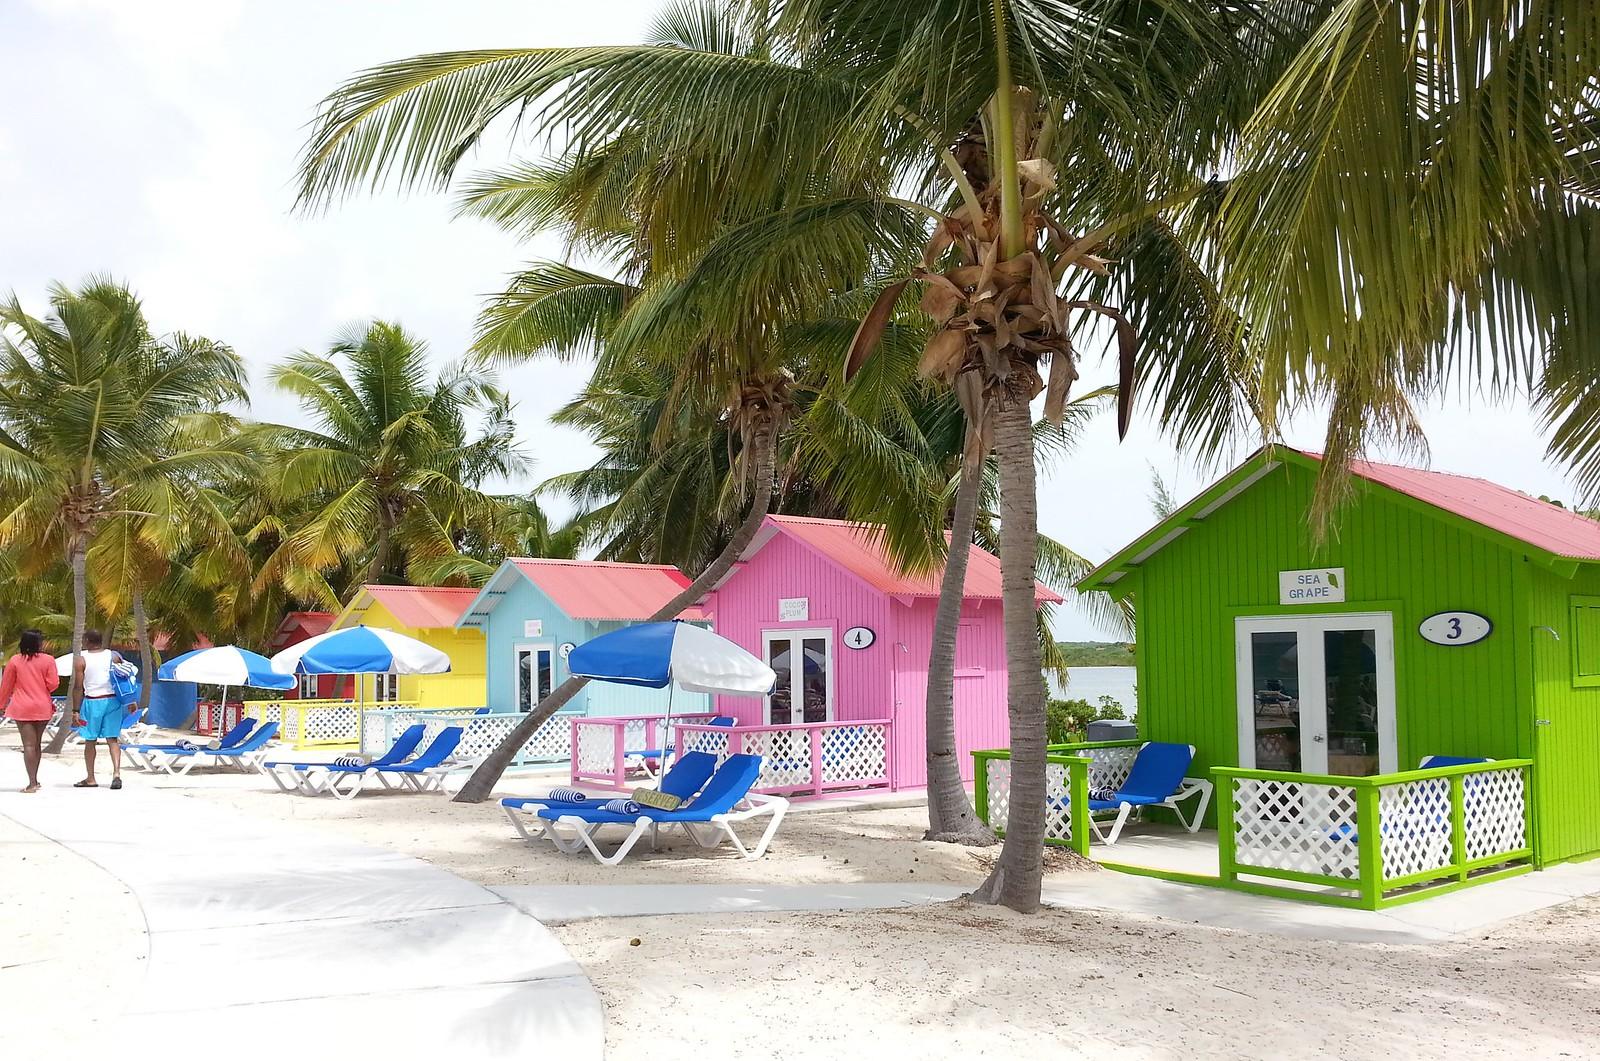 Princess Cays bungalows